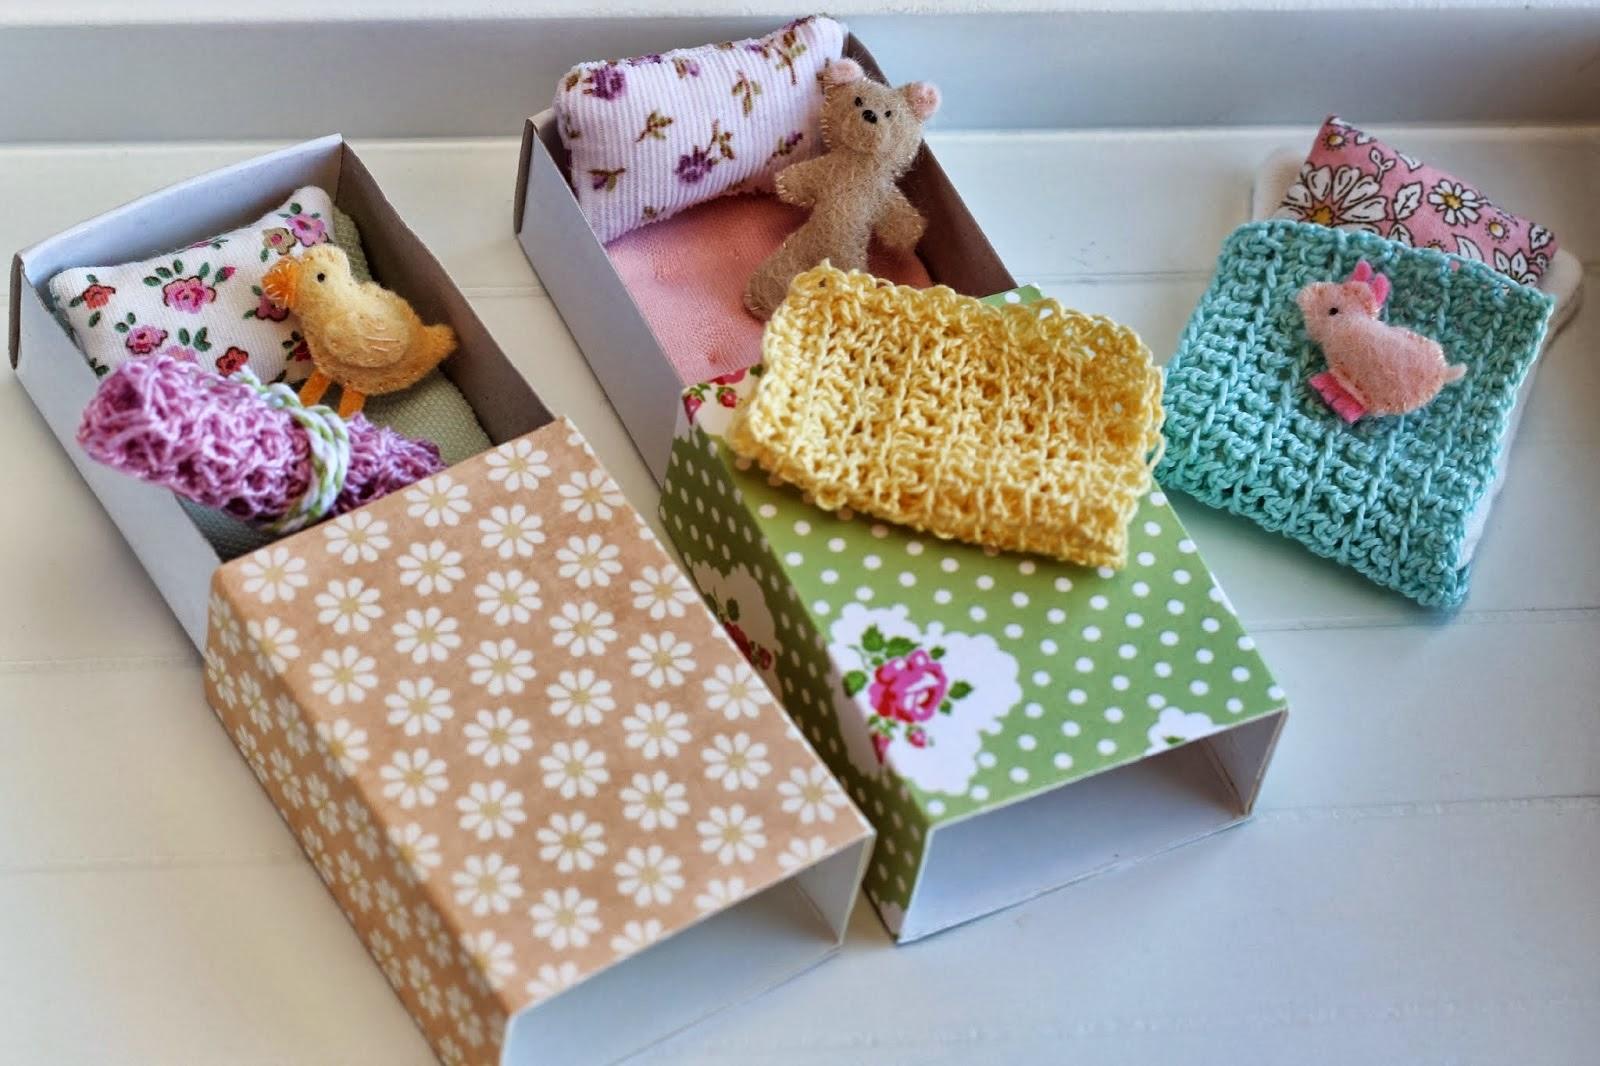 Las curiosidades de susanitha 22 ideas para decorar cajas - Cajas para manualidades ...